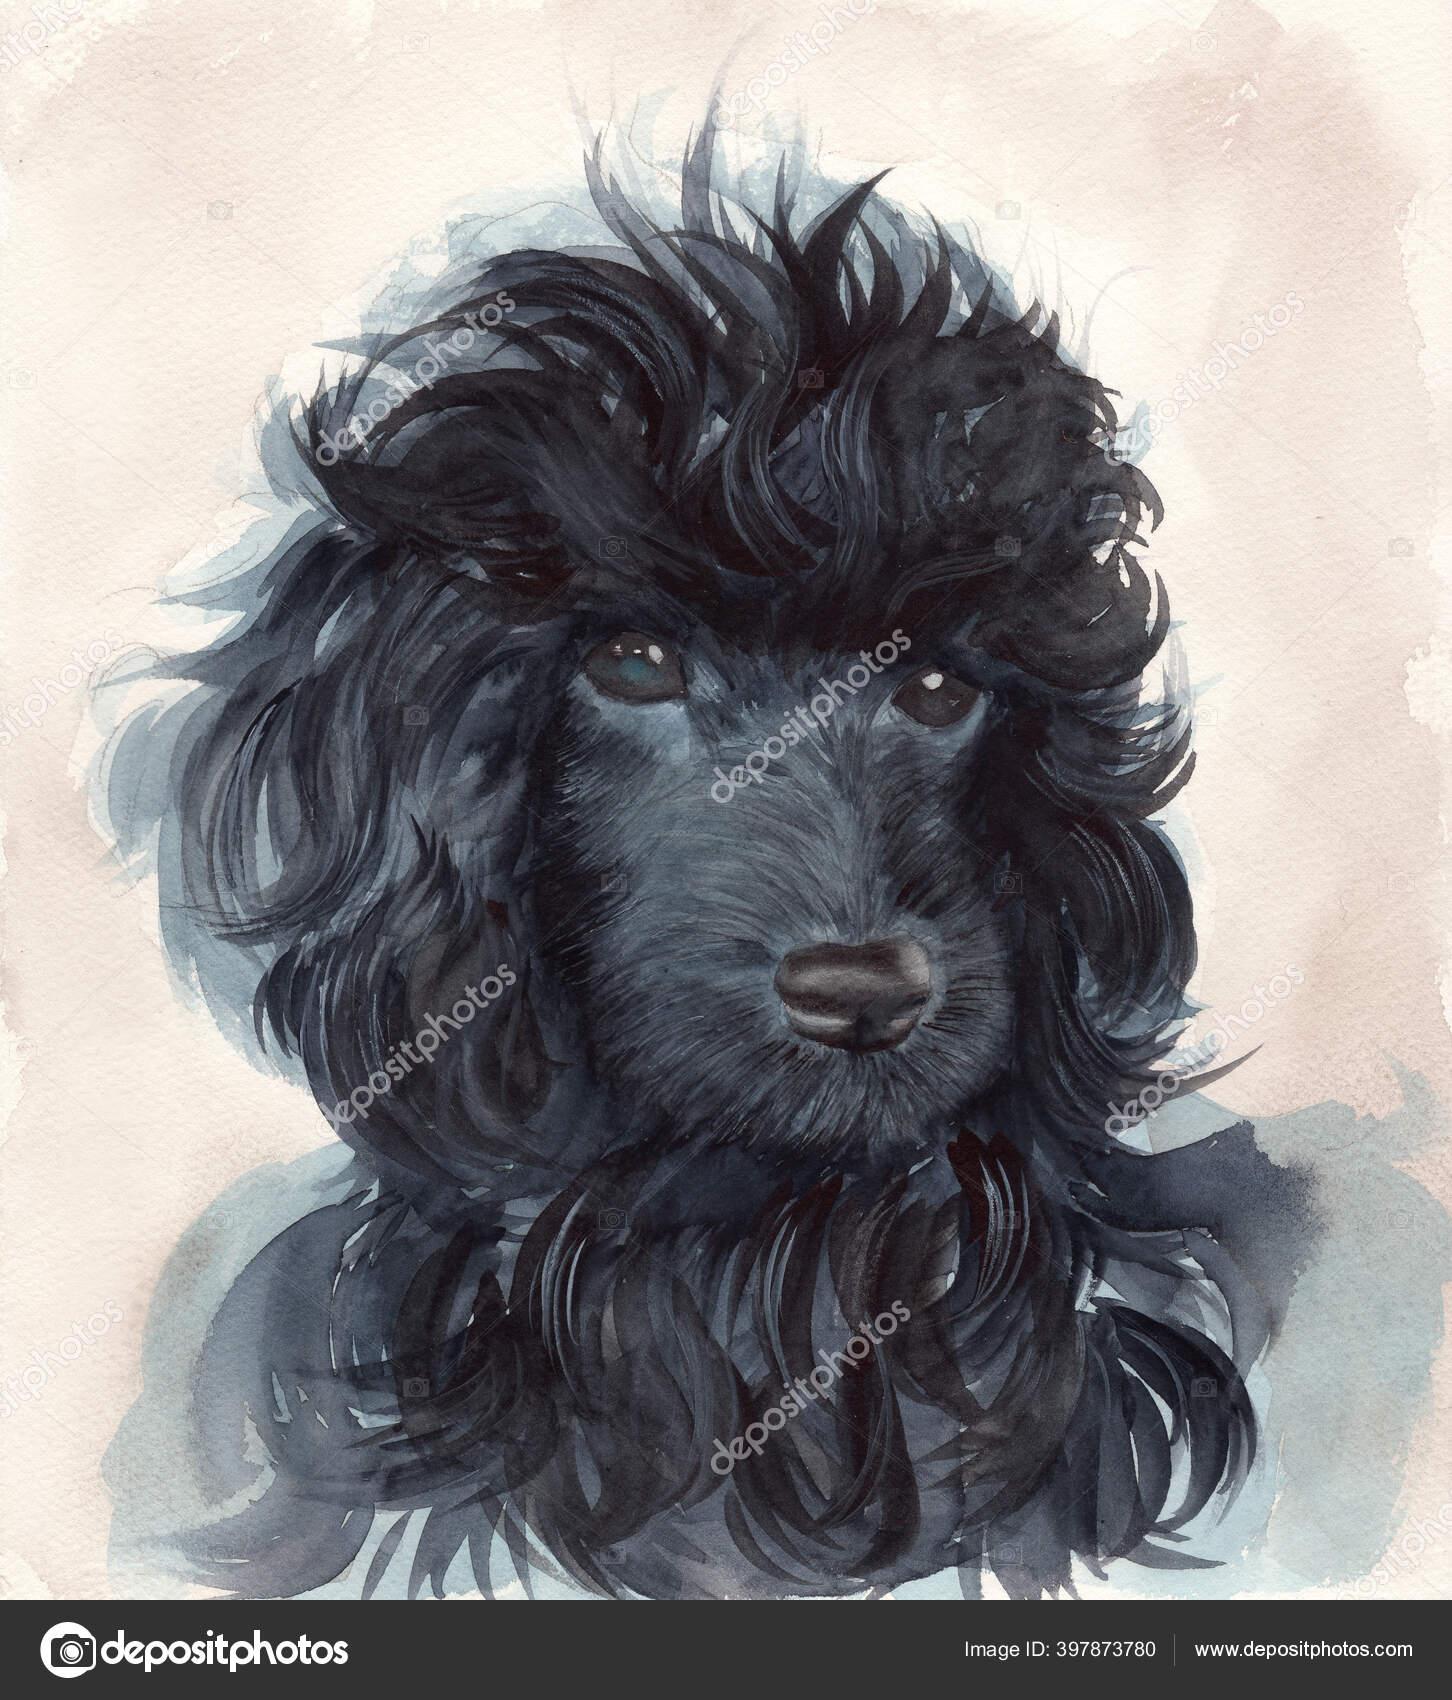 Potret Warna Air Dari Anjing Pudel Hitam Dengan Mantel Keriting Stok Foto C Kkkisssa 397873780